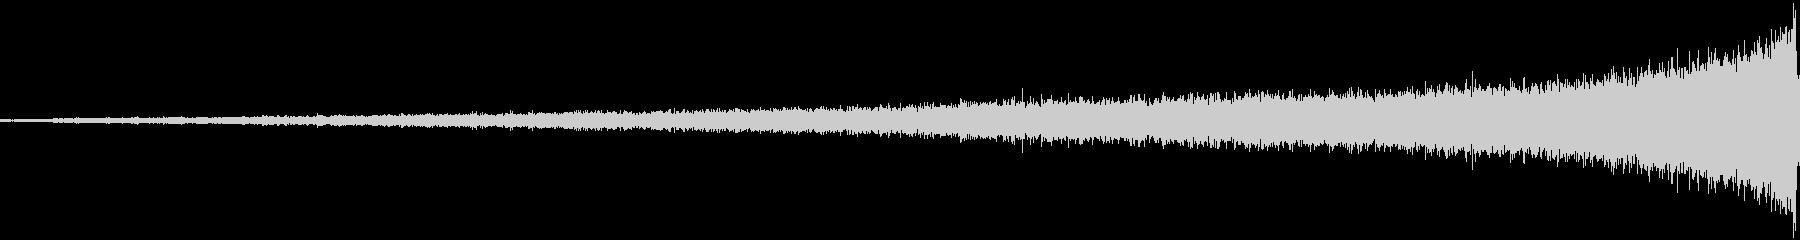 【映画演出】迫る危機感_ライザー_03の未再生の波形